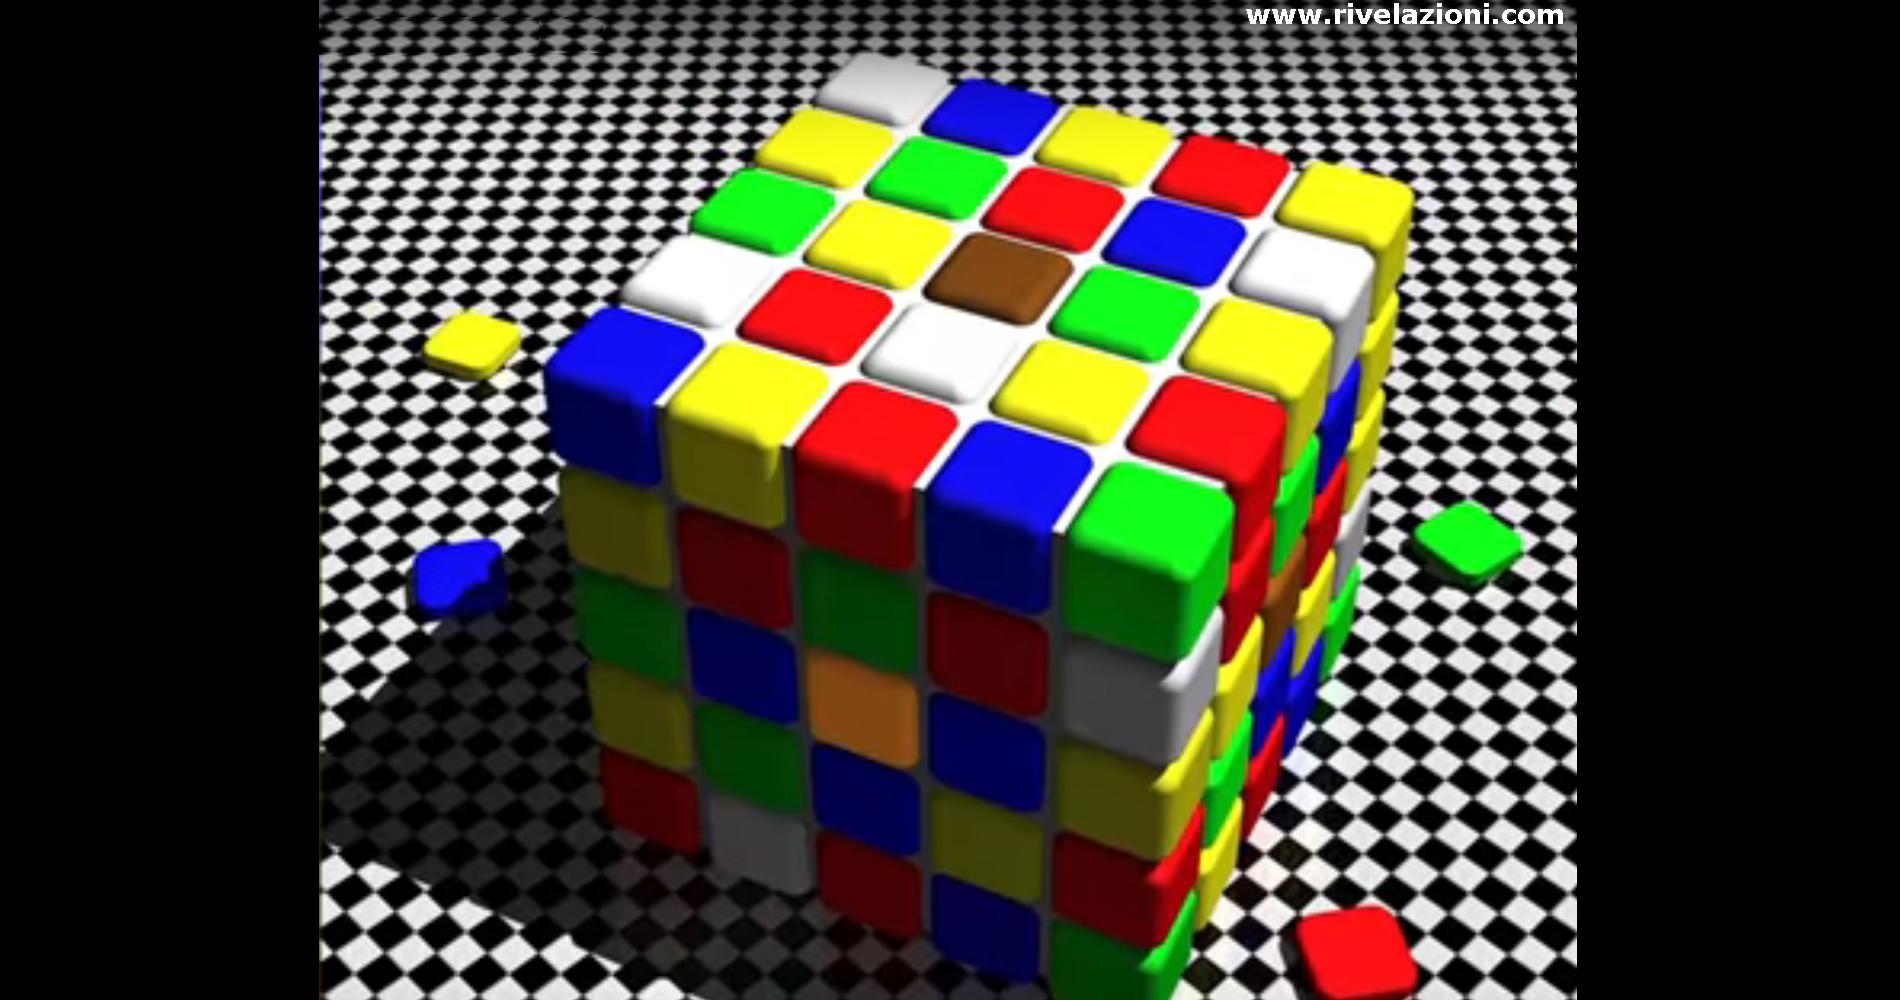 Quanti colori ci sono nel cubo for Quanti deputati ci sono